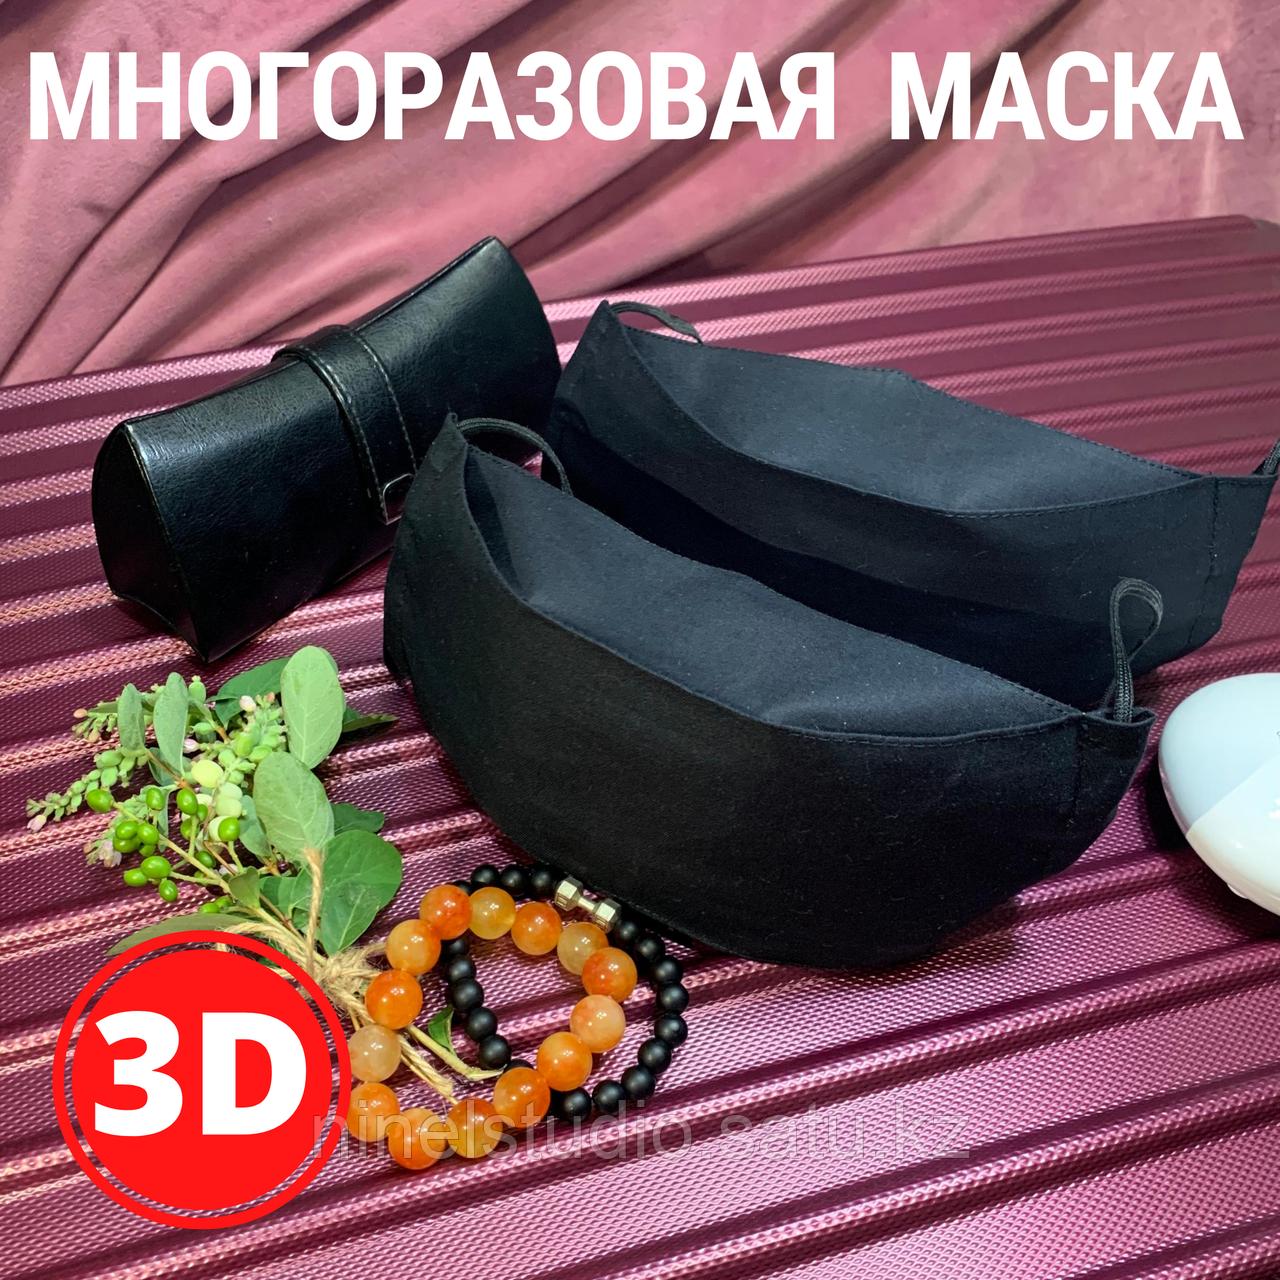 Маска черная многоразовая из х/б материала карманами для фильтра - фото 1